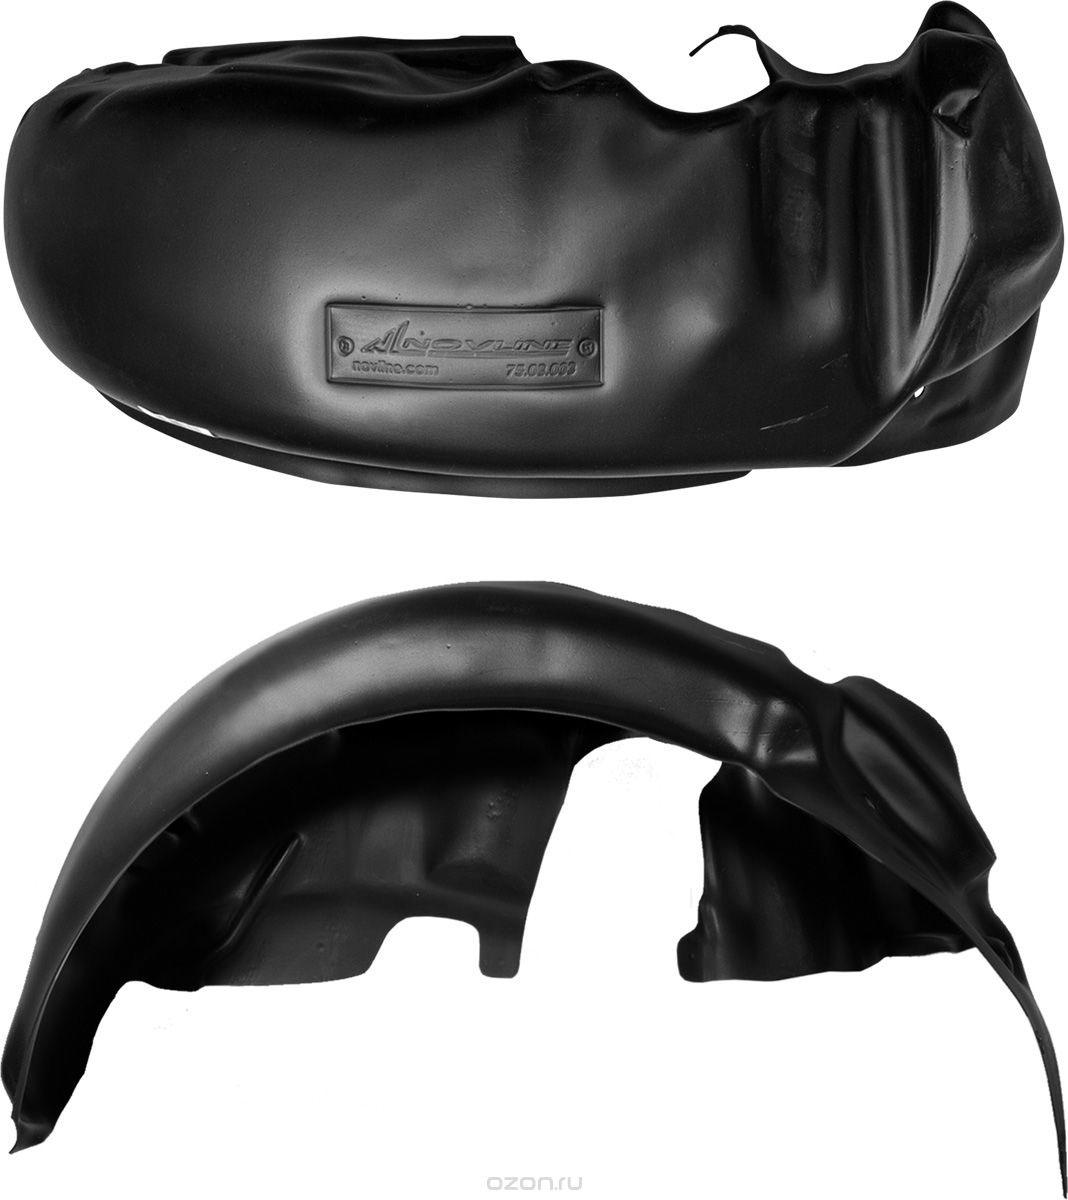 Подкрылок Novline-Autofamily, для Peugeot Boxer, 2006-2014, 2014->, без/с расширителями арок, задний левыйNLL.38.18.003Идеальная защита колесной ниши. Локеры разработаны с применением цифровых технологий, гарантируют максимальную повторяемость поверхности арки. Изделия устанавливаются без нарушения лакокрасочного покрытия автомобиля, каждый подкрылок комплектуется крепежом. Уважаемые клиенты, обращаем ваше внимание, что фотографии на подкрылки универсальные и не отражают реальную форму изделия. При этом само изделие идет точно под размер указанного автомобиля.